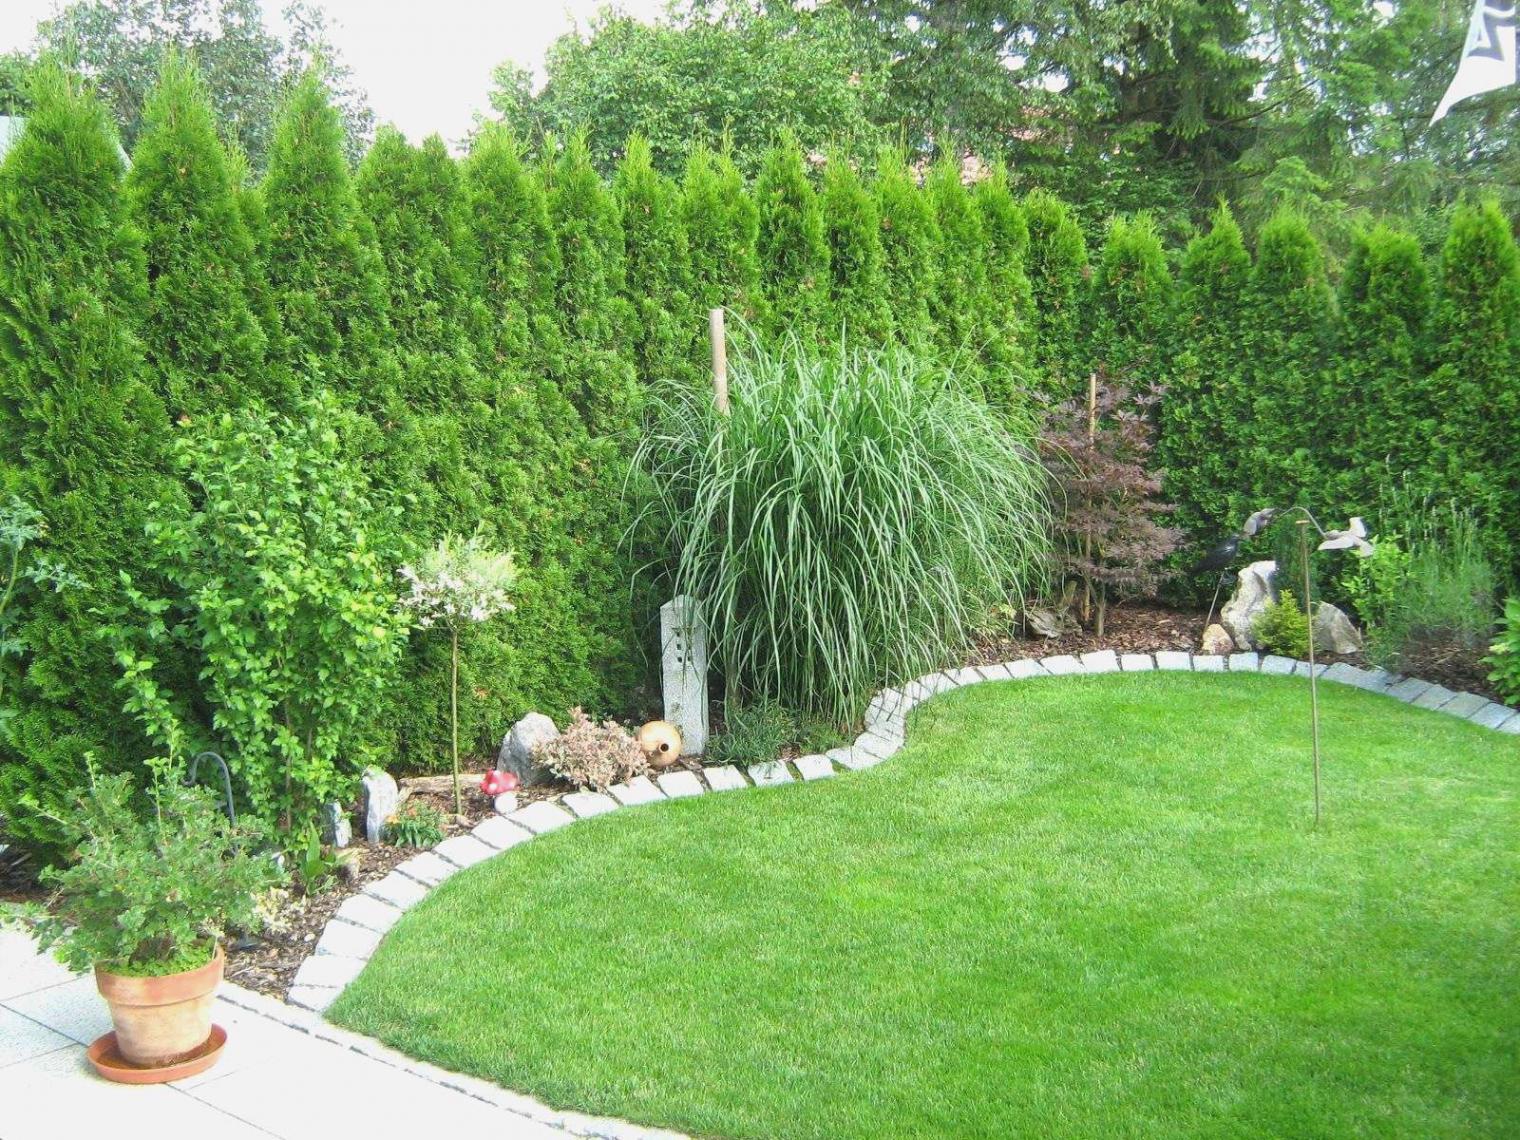 Beetgestaltung Modern Best Of Gartengestaltung Ideen Mit Steinen — Temobardz Home Blog